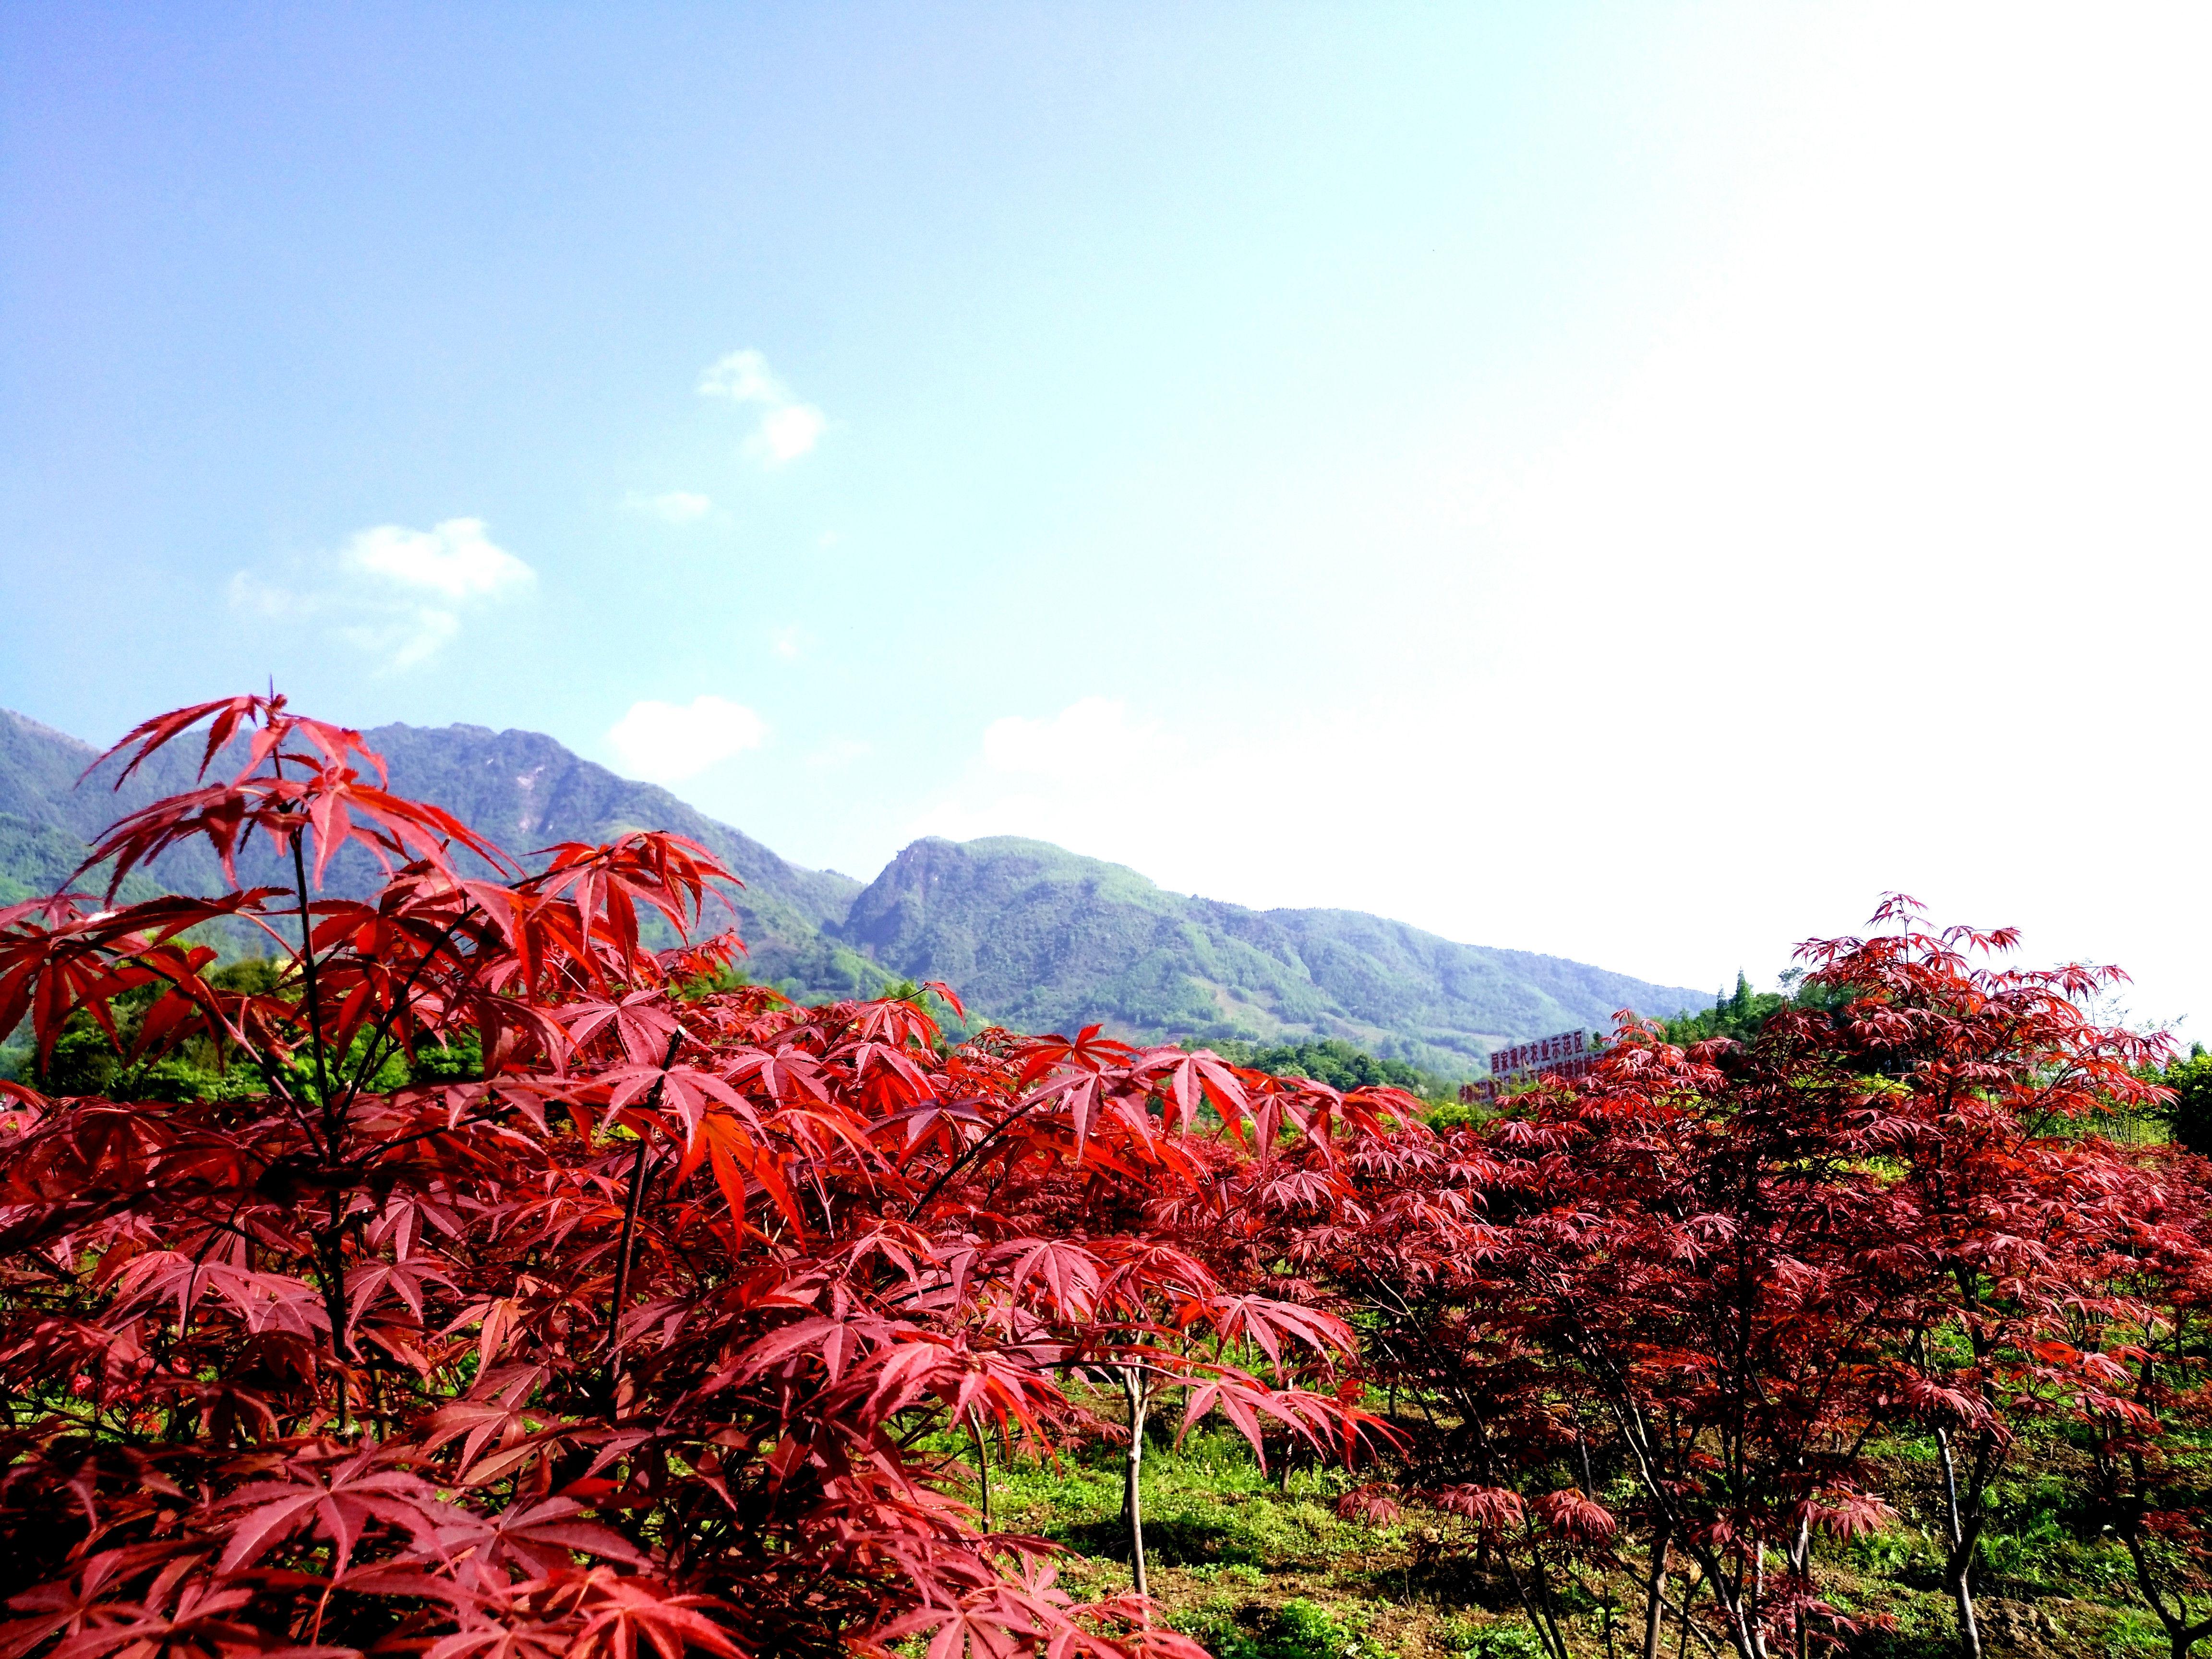 虽然目前还是春天,但都江堰这处山谷已似金秋的红色海洋!